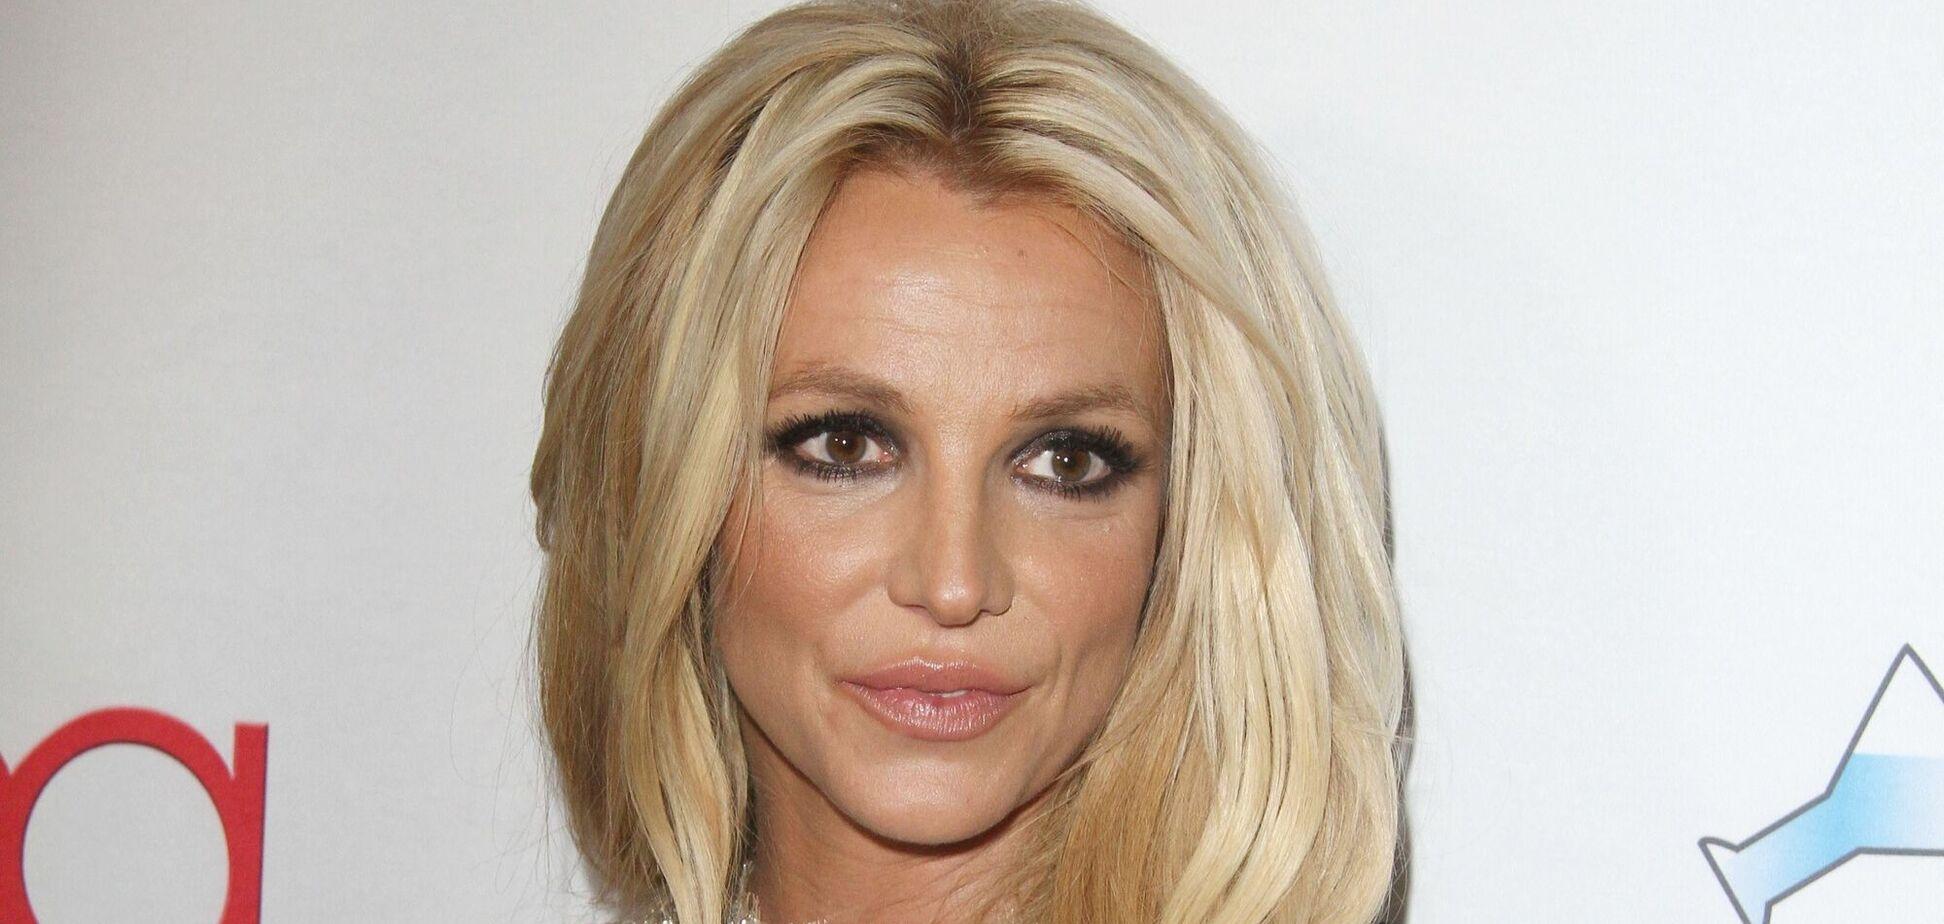 39-летняя Бритни Спирс показала, как выглядит без фотошопа. Фото